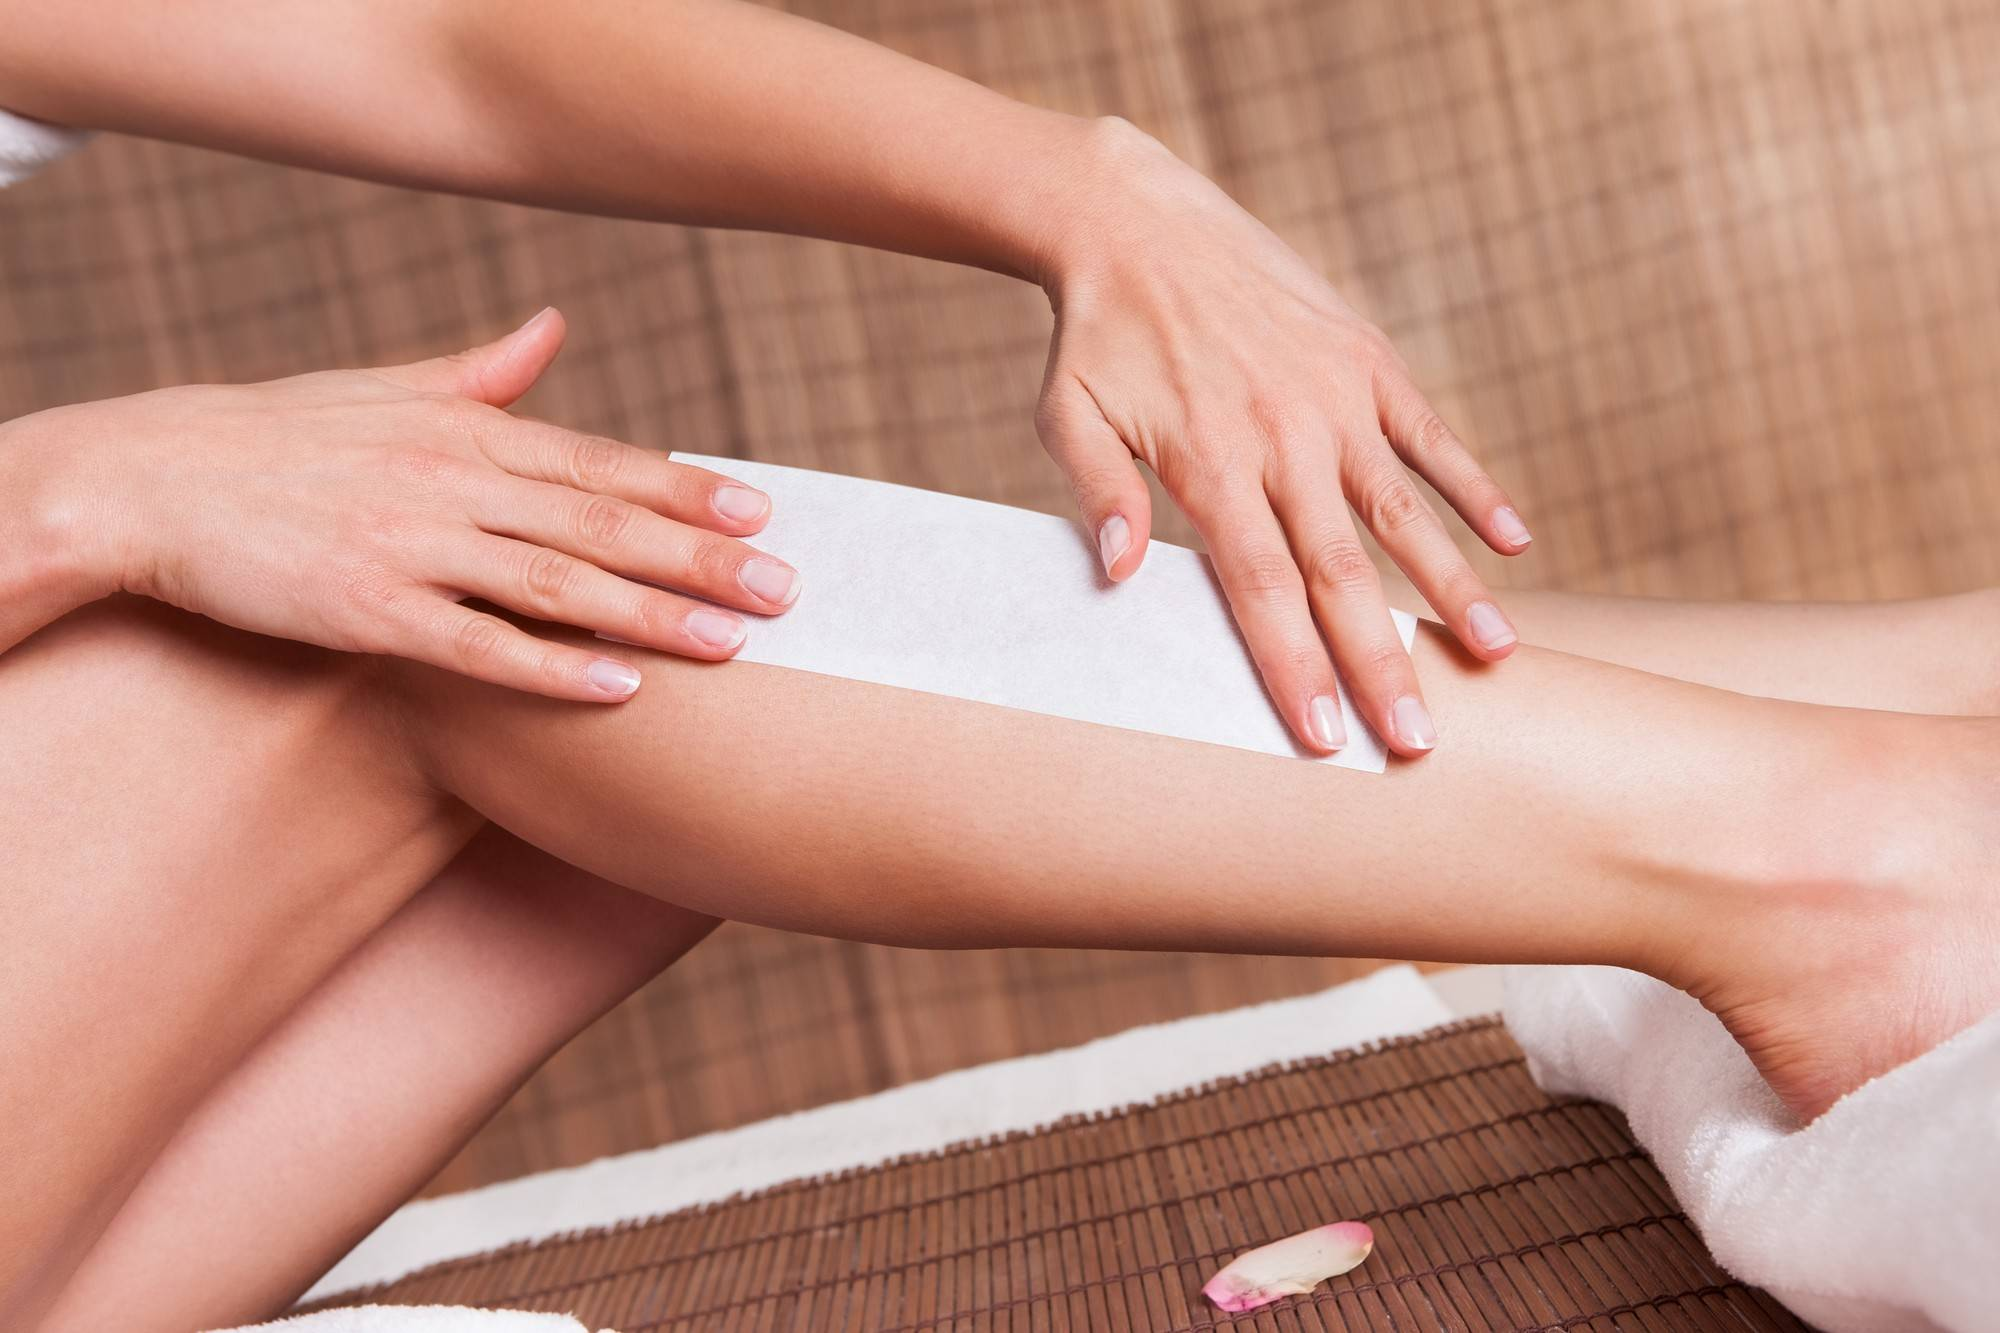 Делаем шугаринг лица: особенности эпиляции у женщин